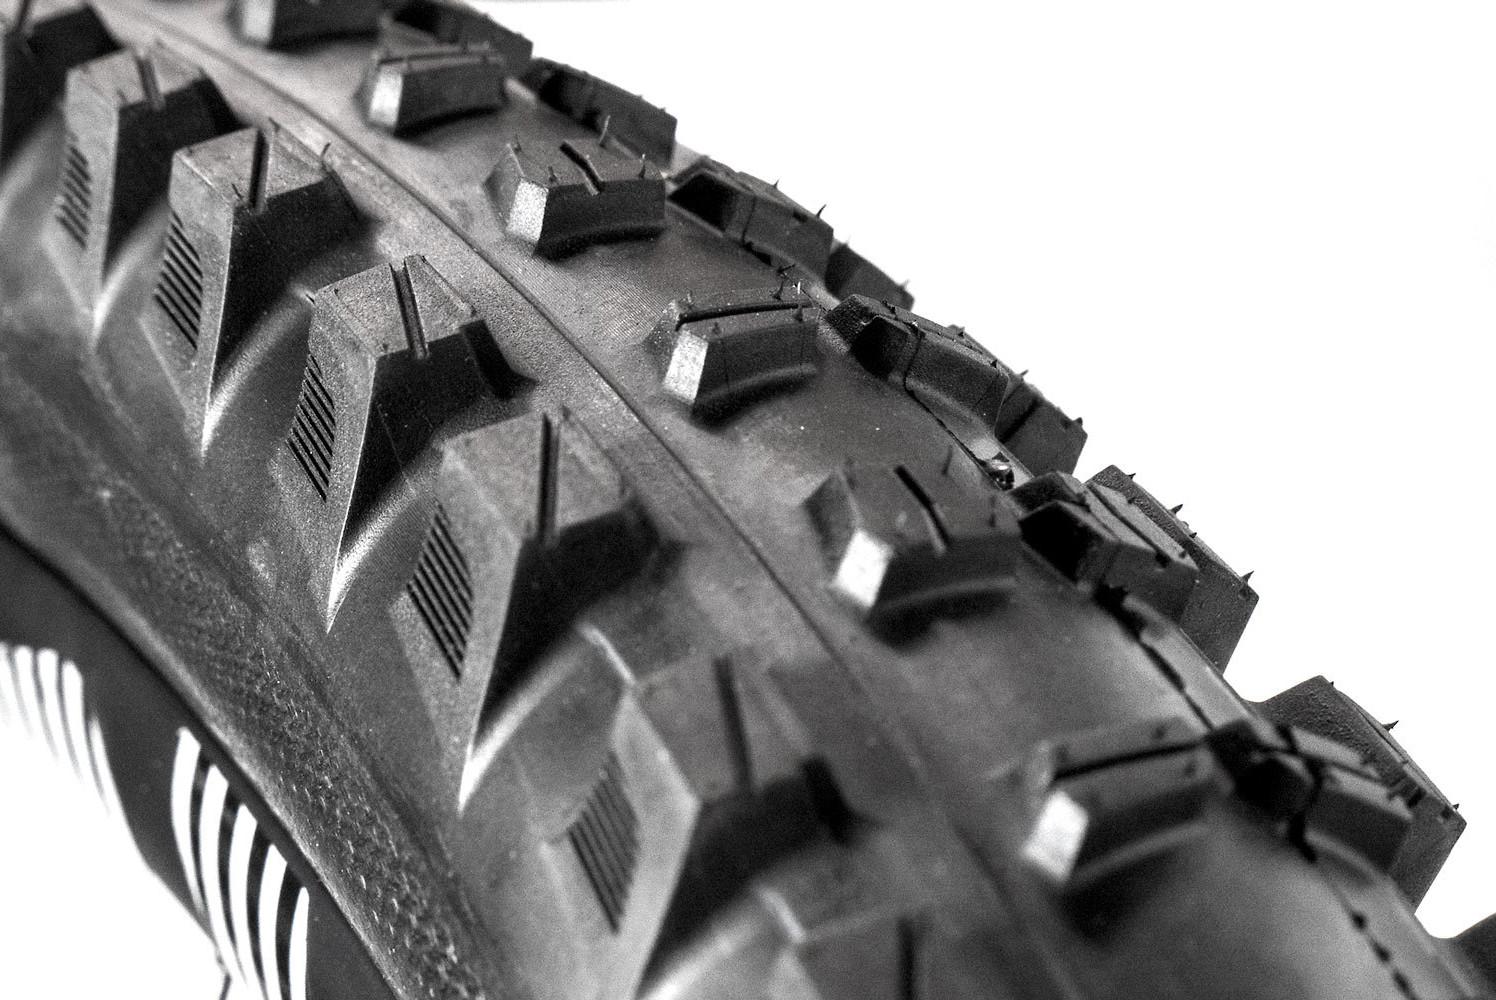 e*thirteen TRS Tire